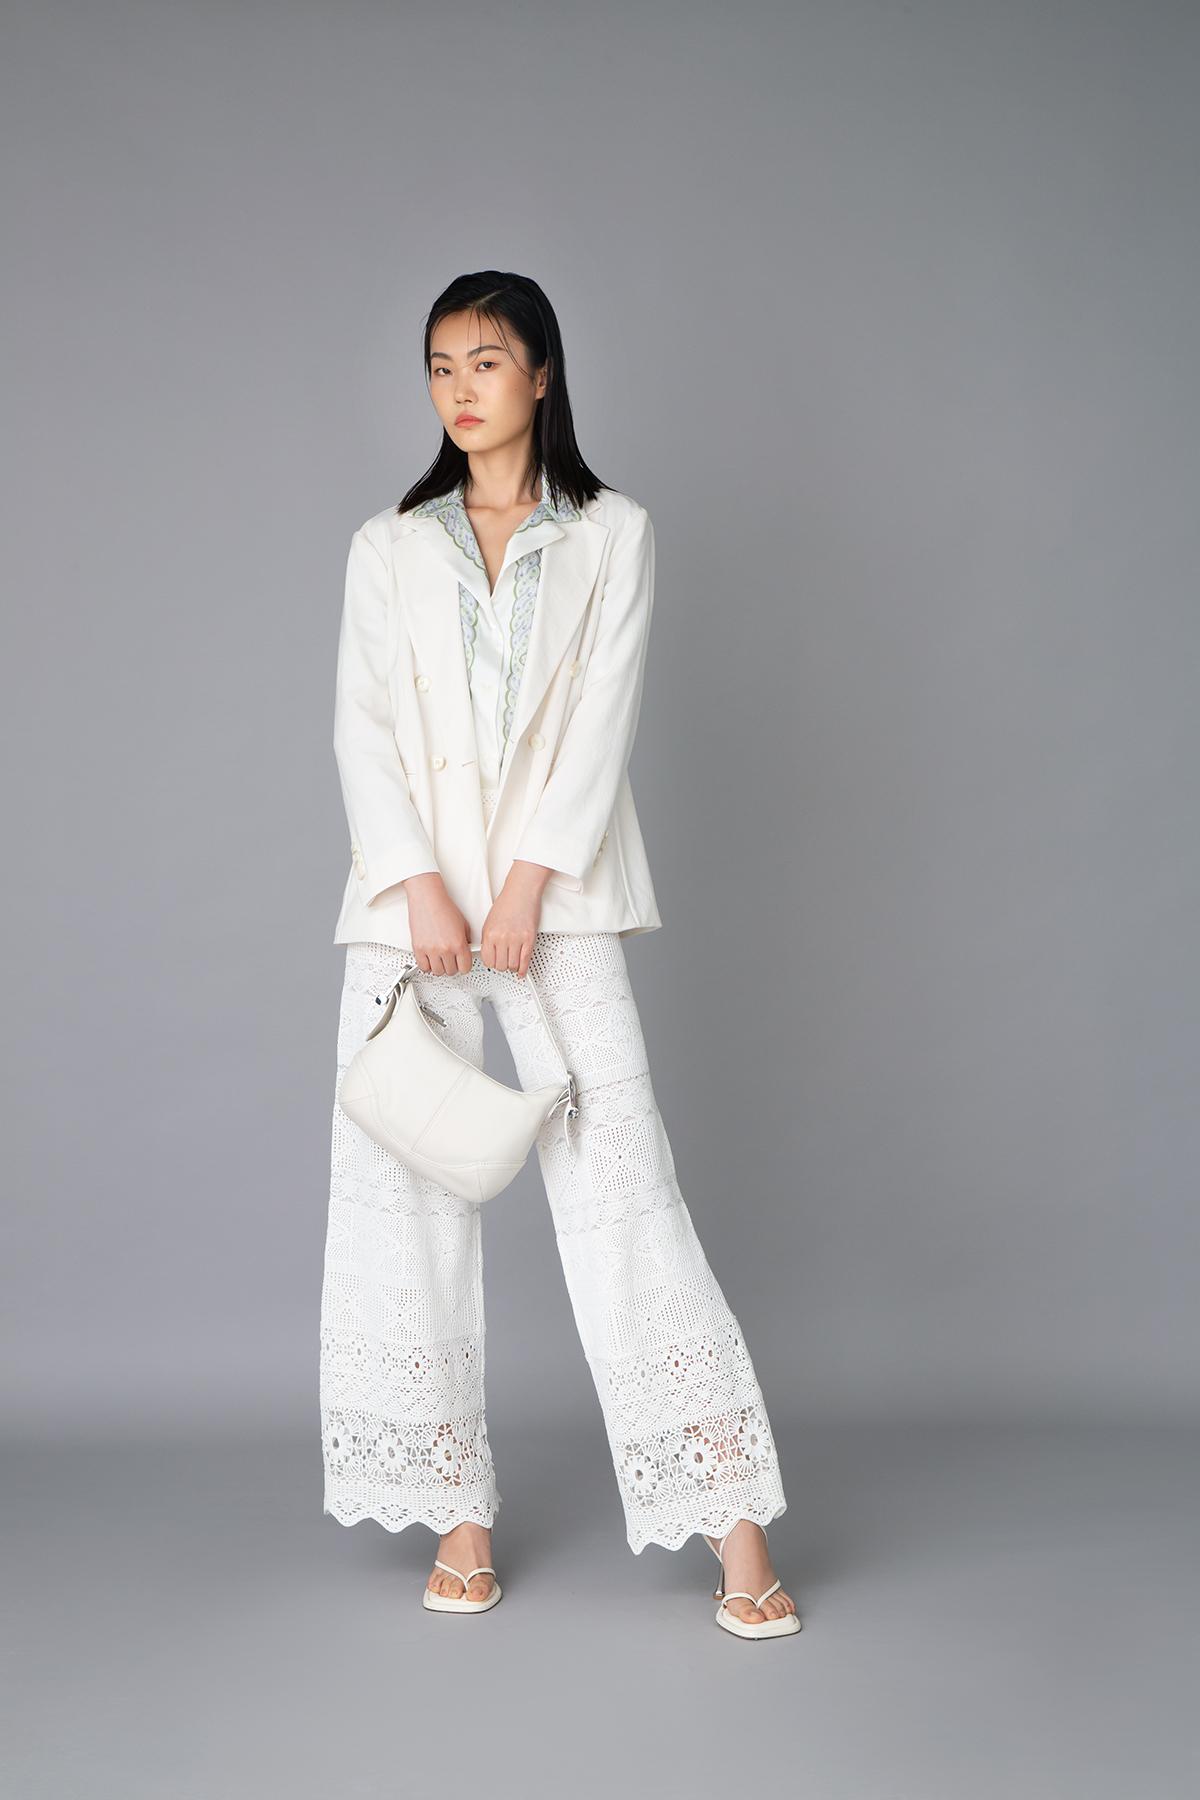 Sandro green floral printed shirt $2,090 Hugo Boss white blazer $4,500 Maje white crochet pants $2,690 Hugo Boss white leather handbag $5,100 Sportmax white sandals (Price to be confirmed)